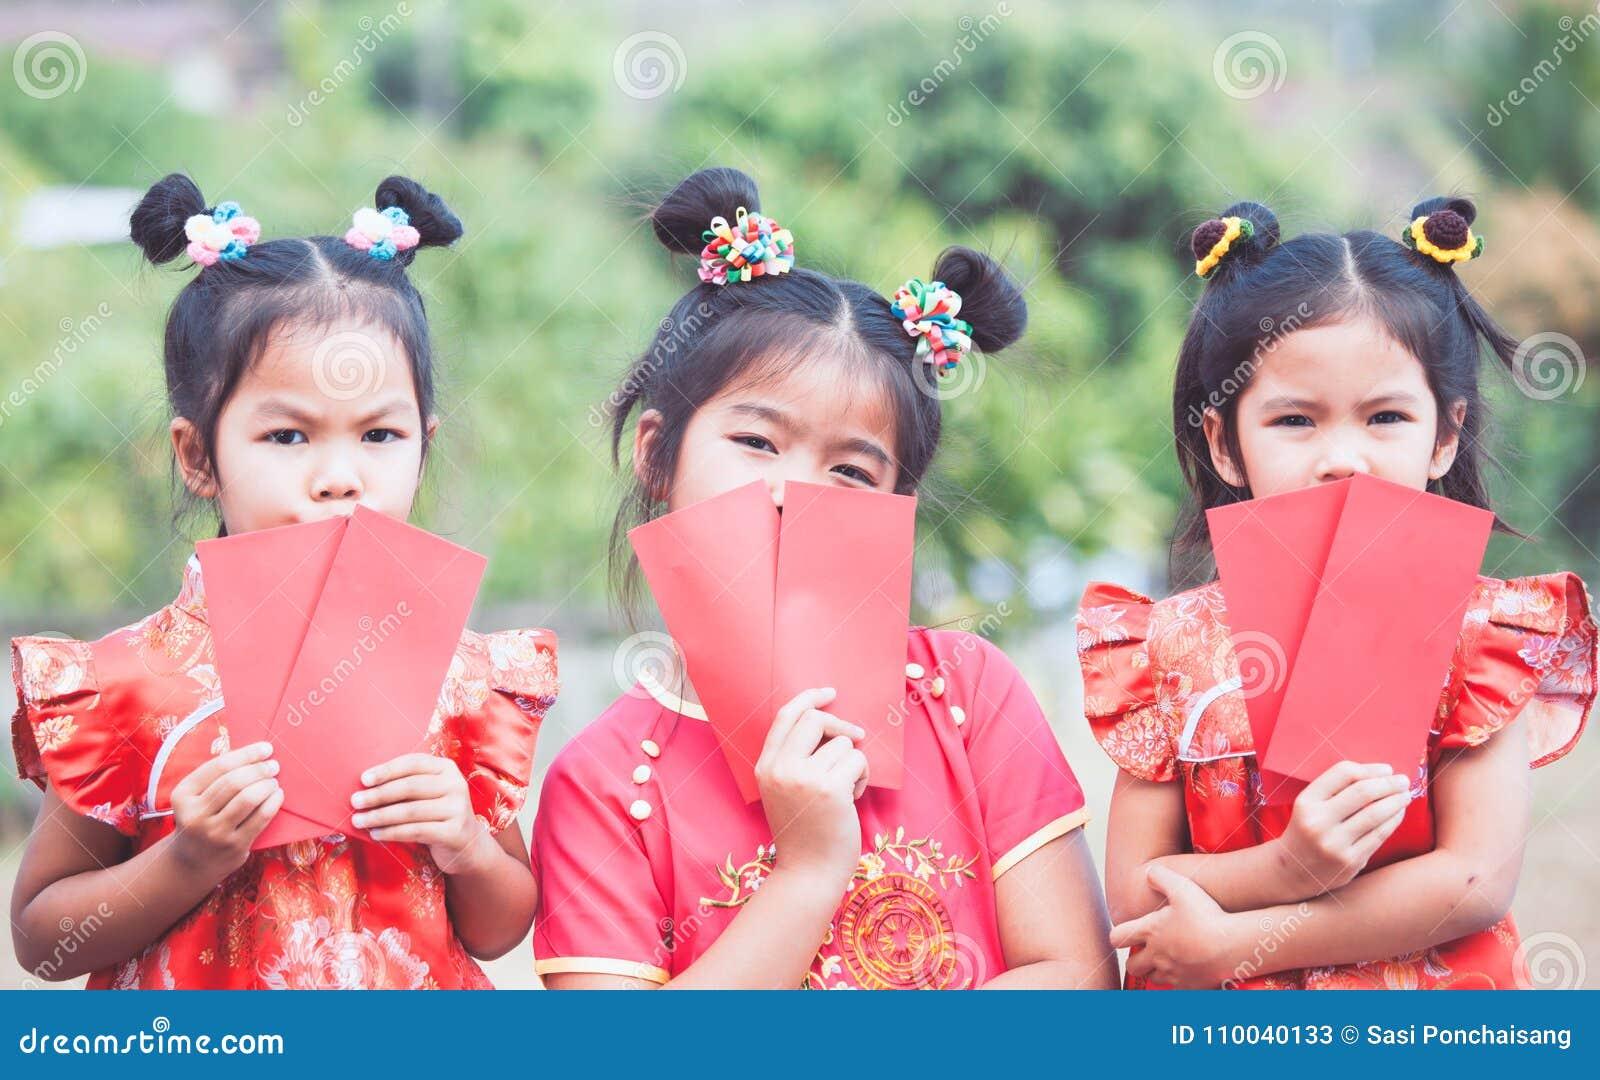 Drei nette asiatische Kindermädchen, die roten Umschlag halten